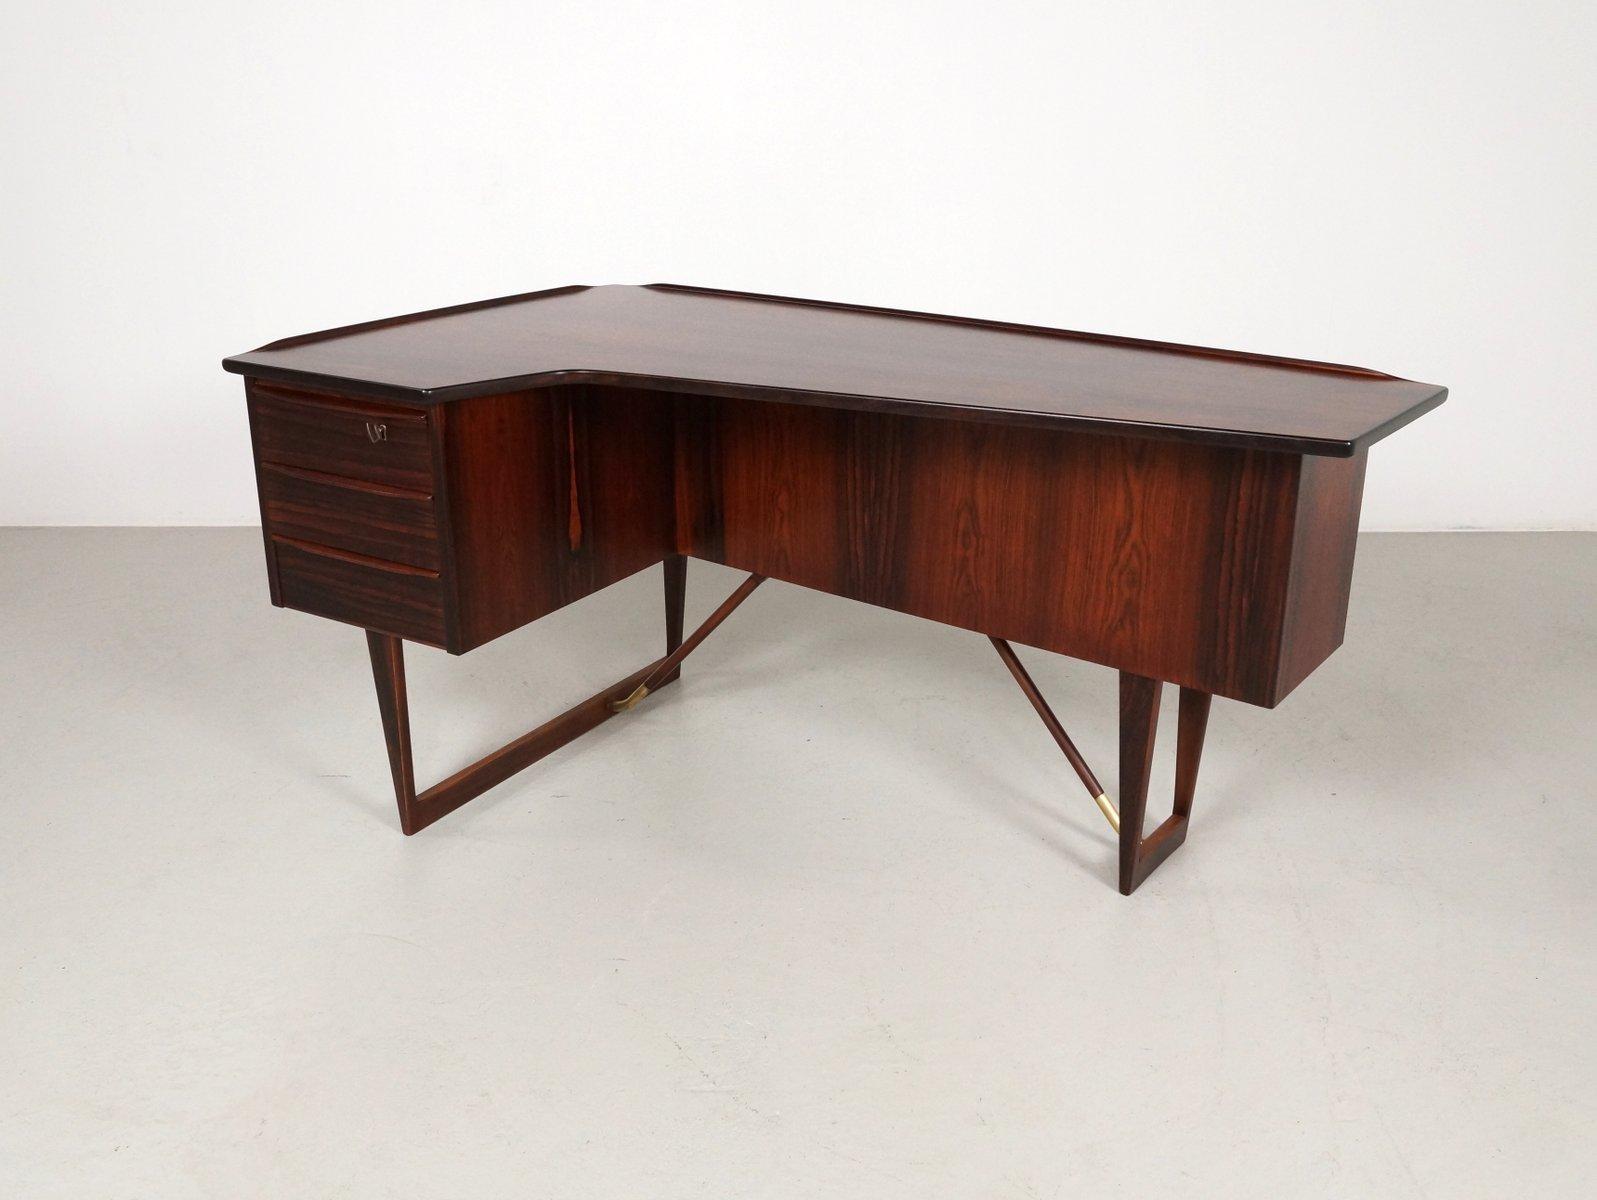 Mid Century Danish Rosewood Corner Desk By Peter Løvig Nielsen For Hedensted Møbelfabrik 1967